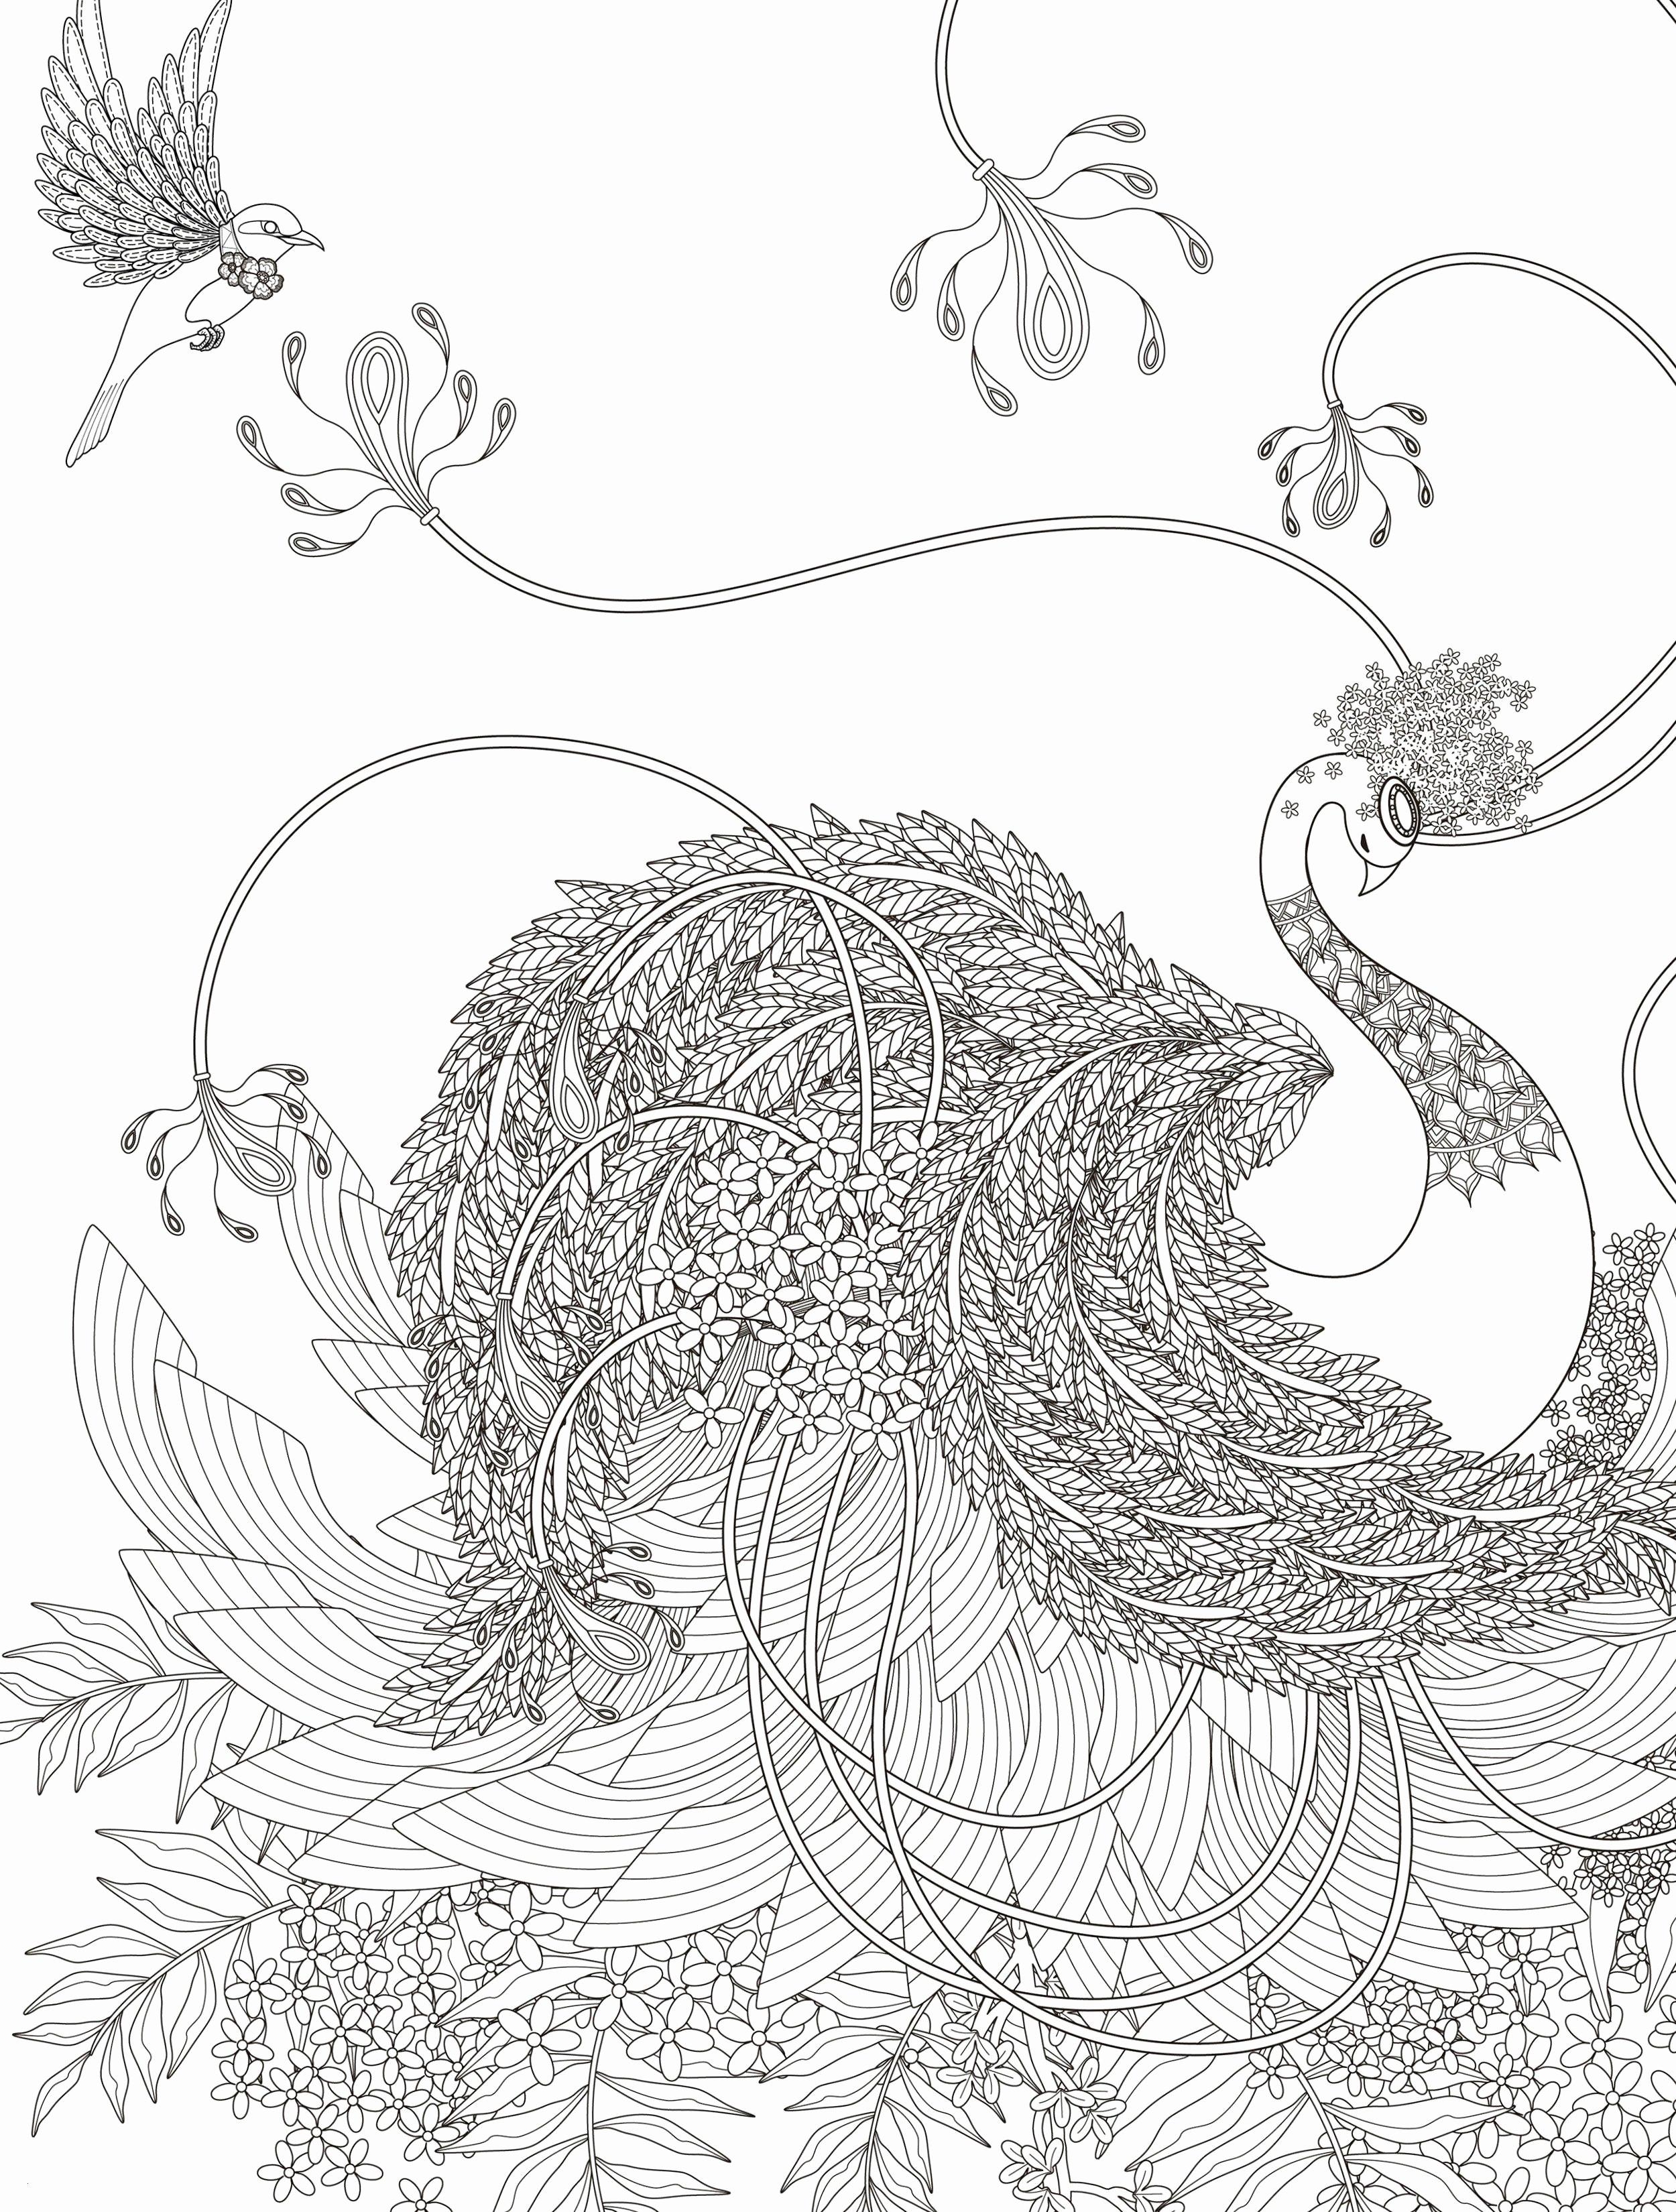 Baum Zeichnung Bleistift Neu Schmetterling Zeichnen Bleistift Sammlungen 3d Schmetterling Kunst Stock